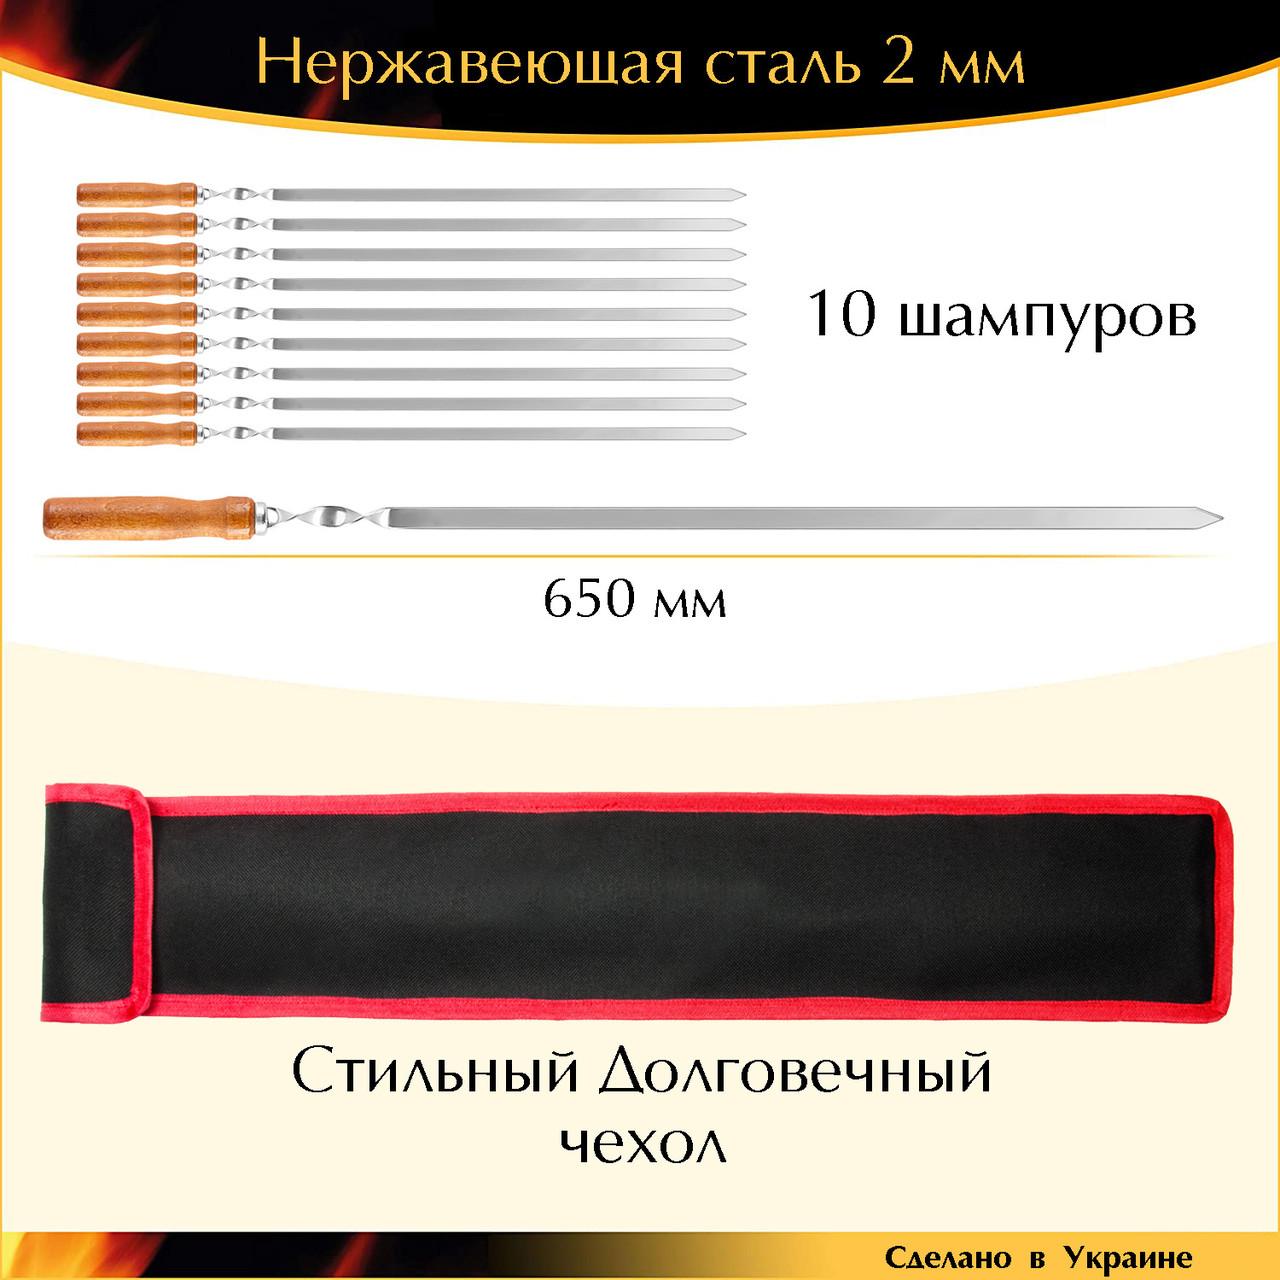 Набір шампурів 650/12,5/2мм 10шт нержавіюча сталь плоский дерев'яна ручка з чохлом